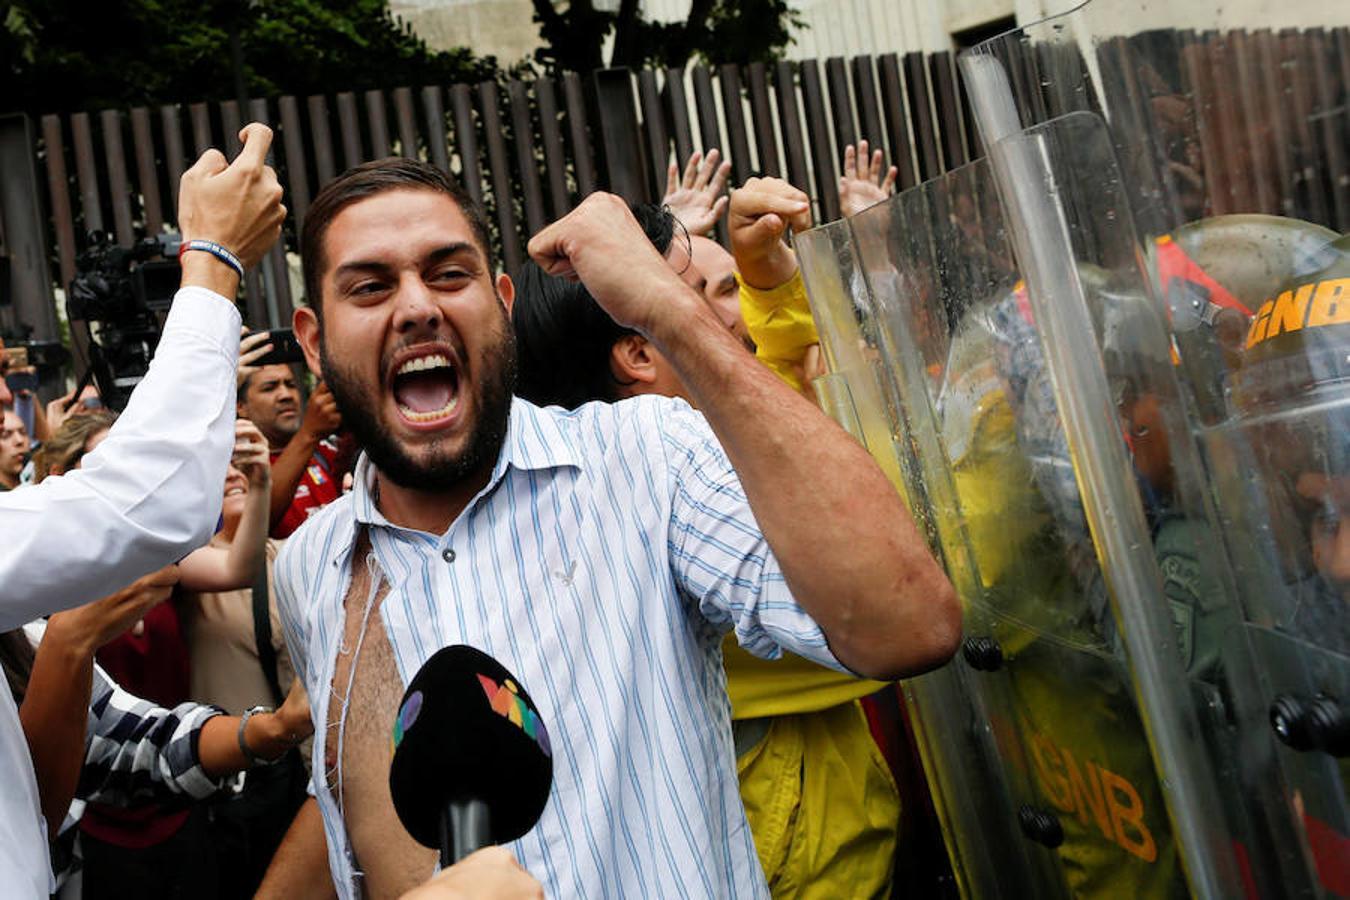 El también diputado de la oposición venezolana Juan Requesens durante la protesta. Decenas de dirigentes opositores en Venezuela han rechazado este jueves la sentencia que publicó el miércoles el Tribunal Supremo, en la que decidió asumir las competencias de la Asamblea Nacional; un dictamen que el antichavismo ha ponderado como un «golpe de Estado» contra el Legislativo.